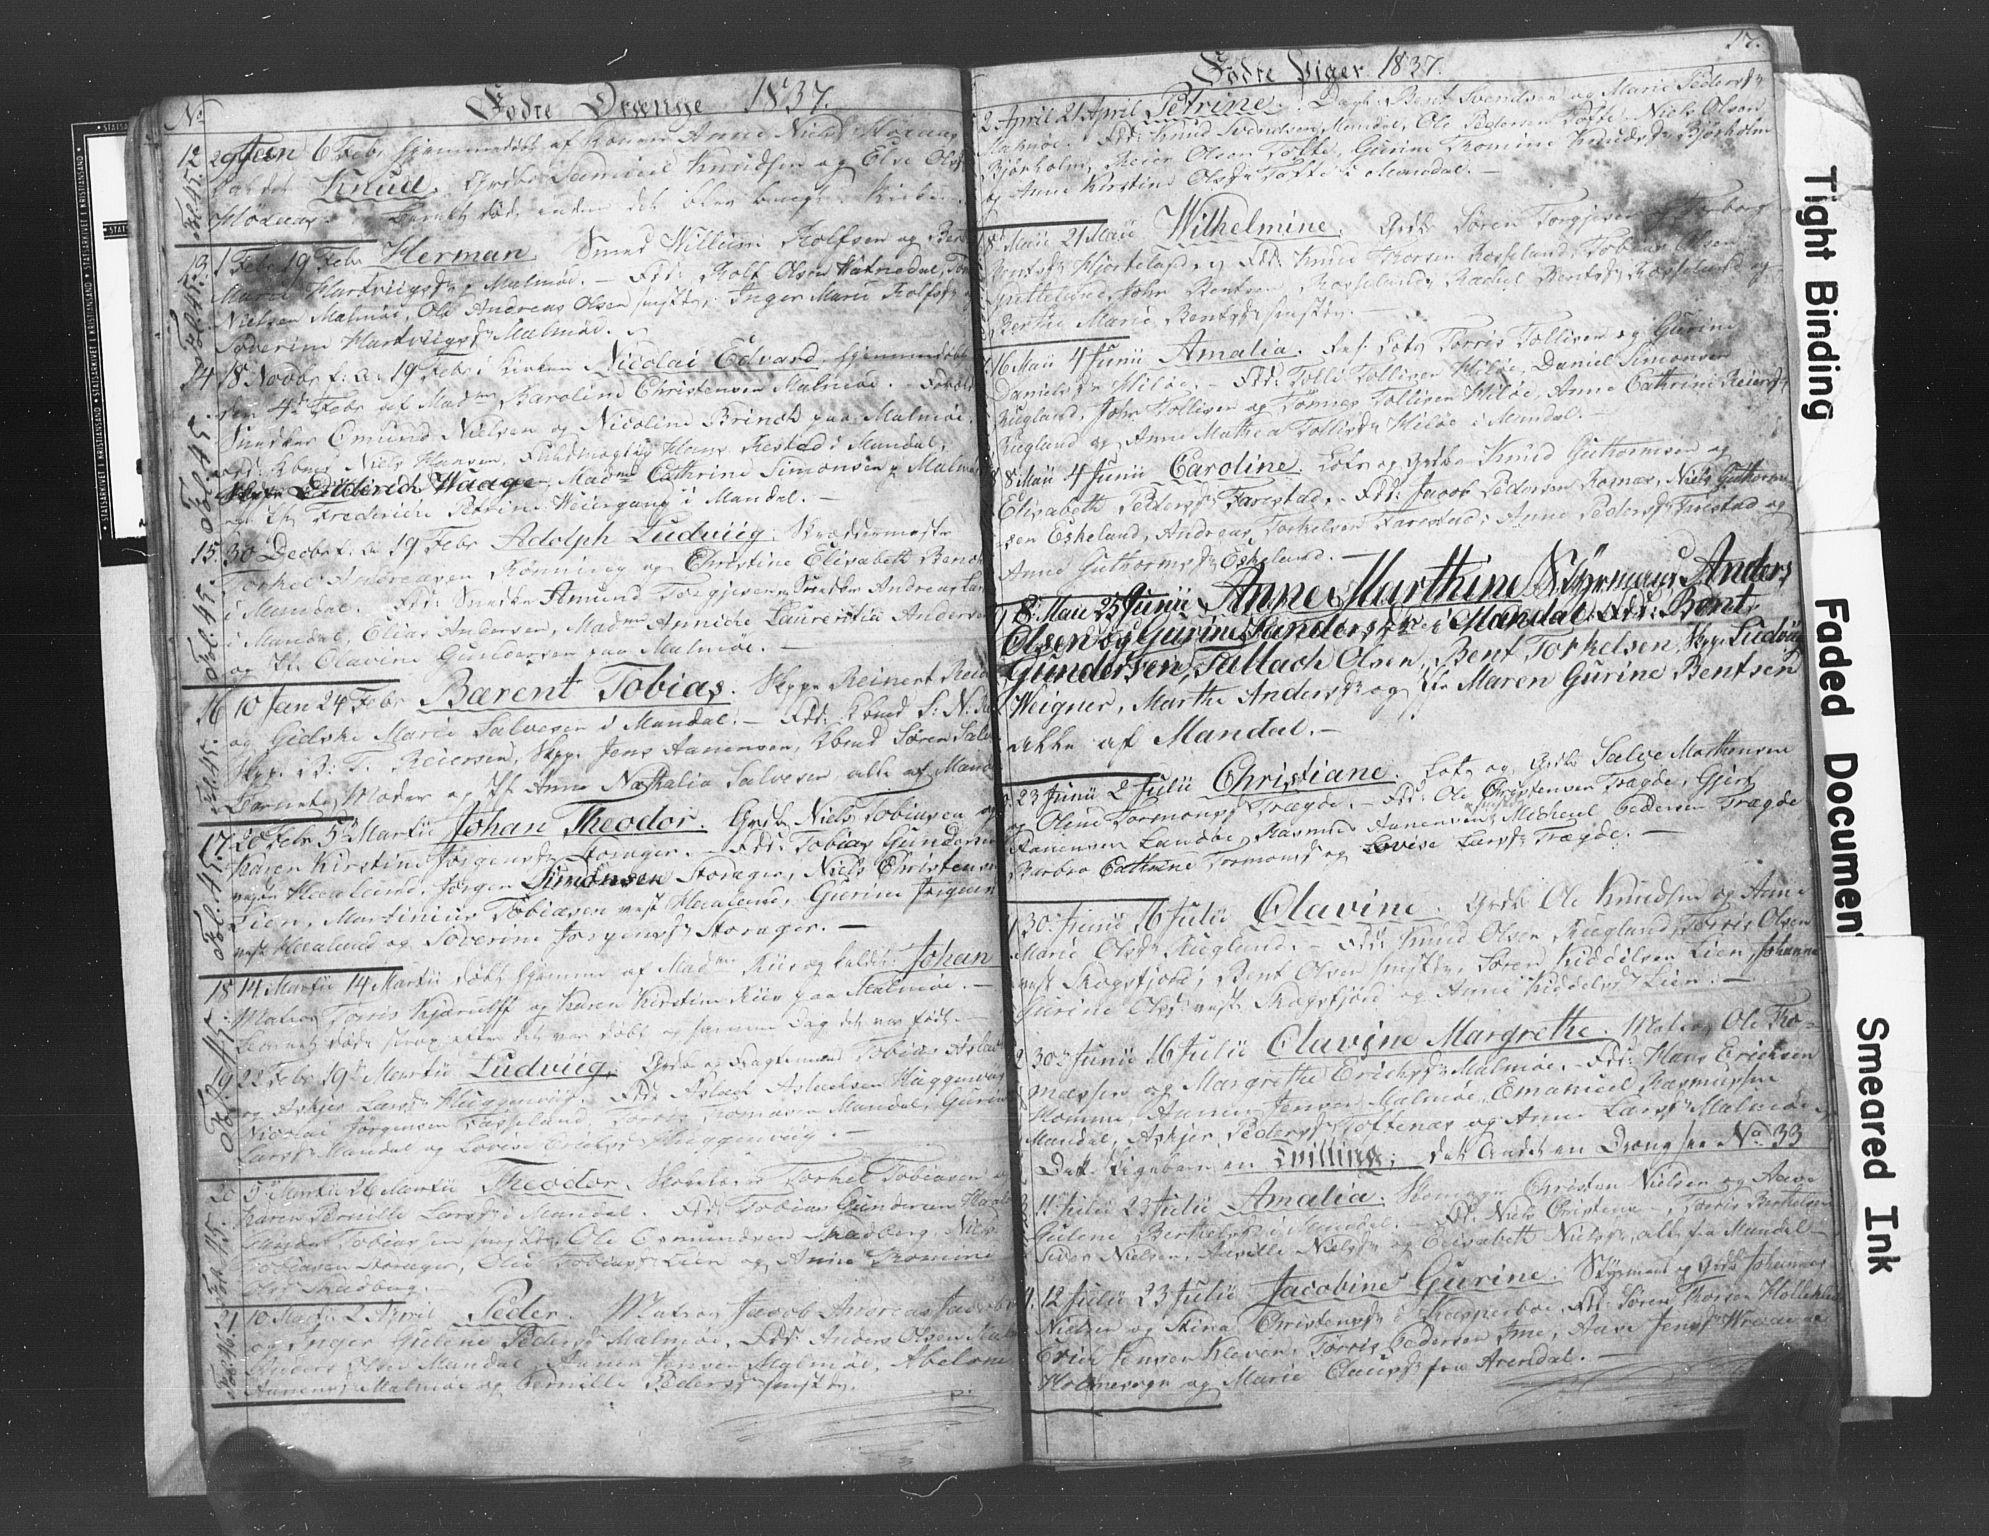 SAK, Mandal sokneprestkontor, F/Fb/Fba/L0003: Klokkerbok nr. B 1C, 1834-1838, s. 17